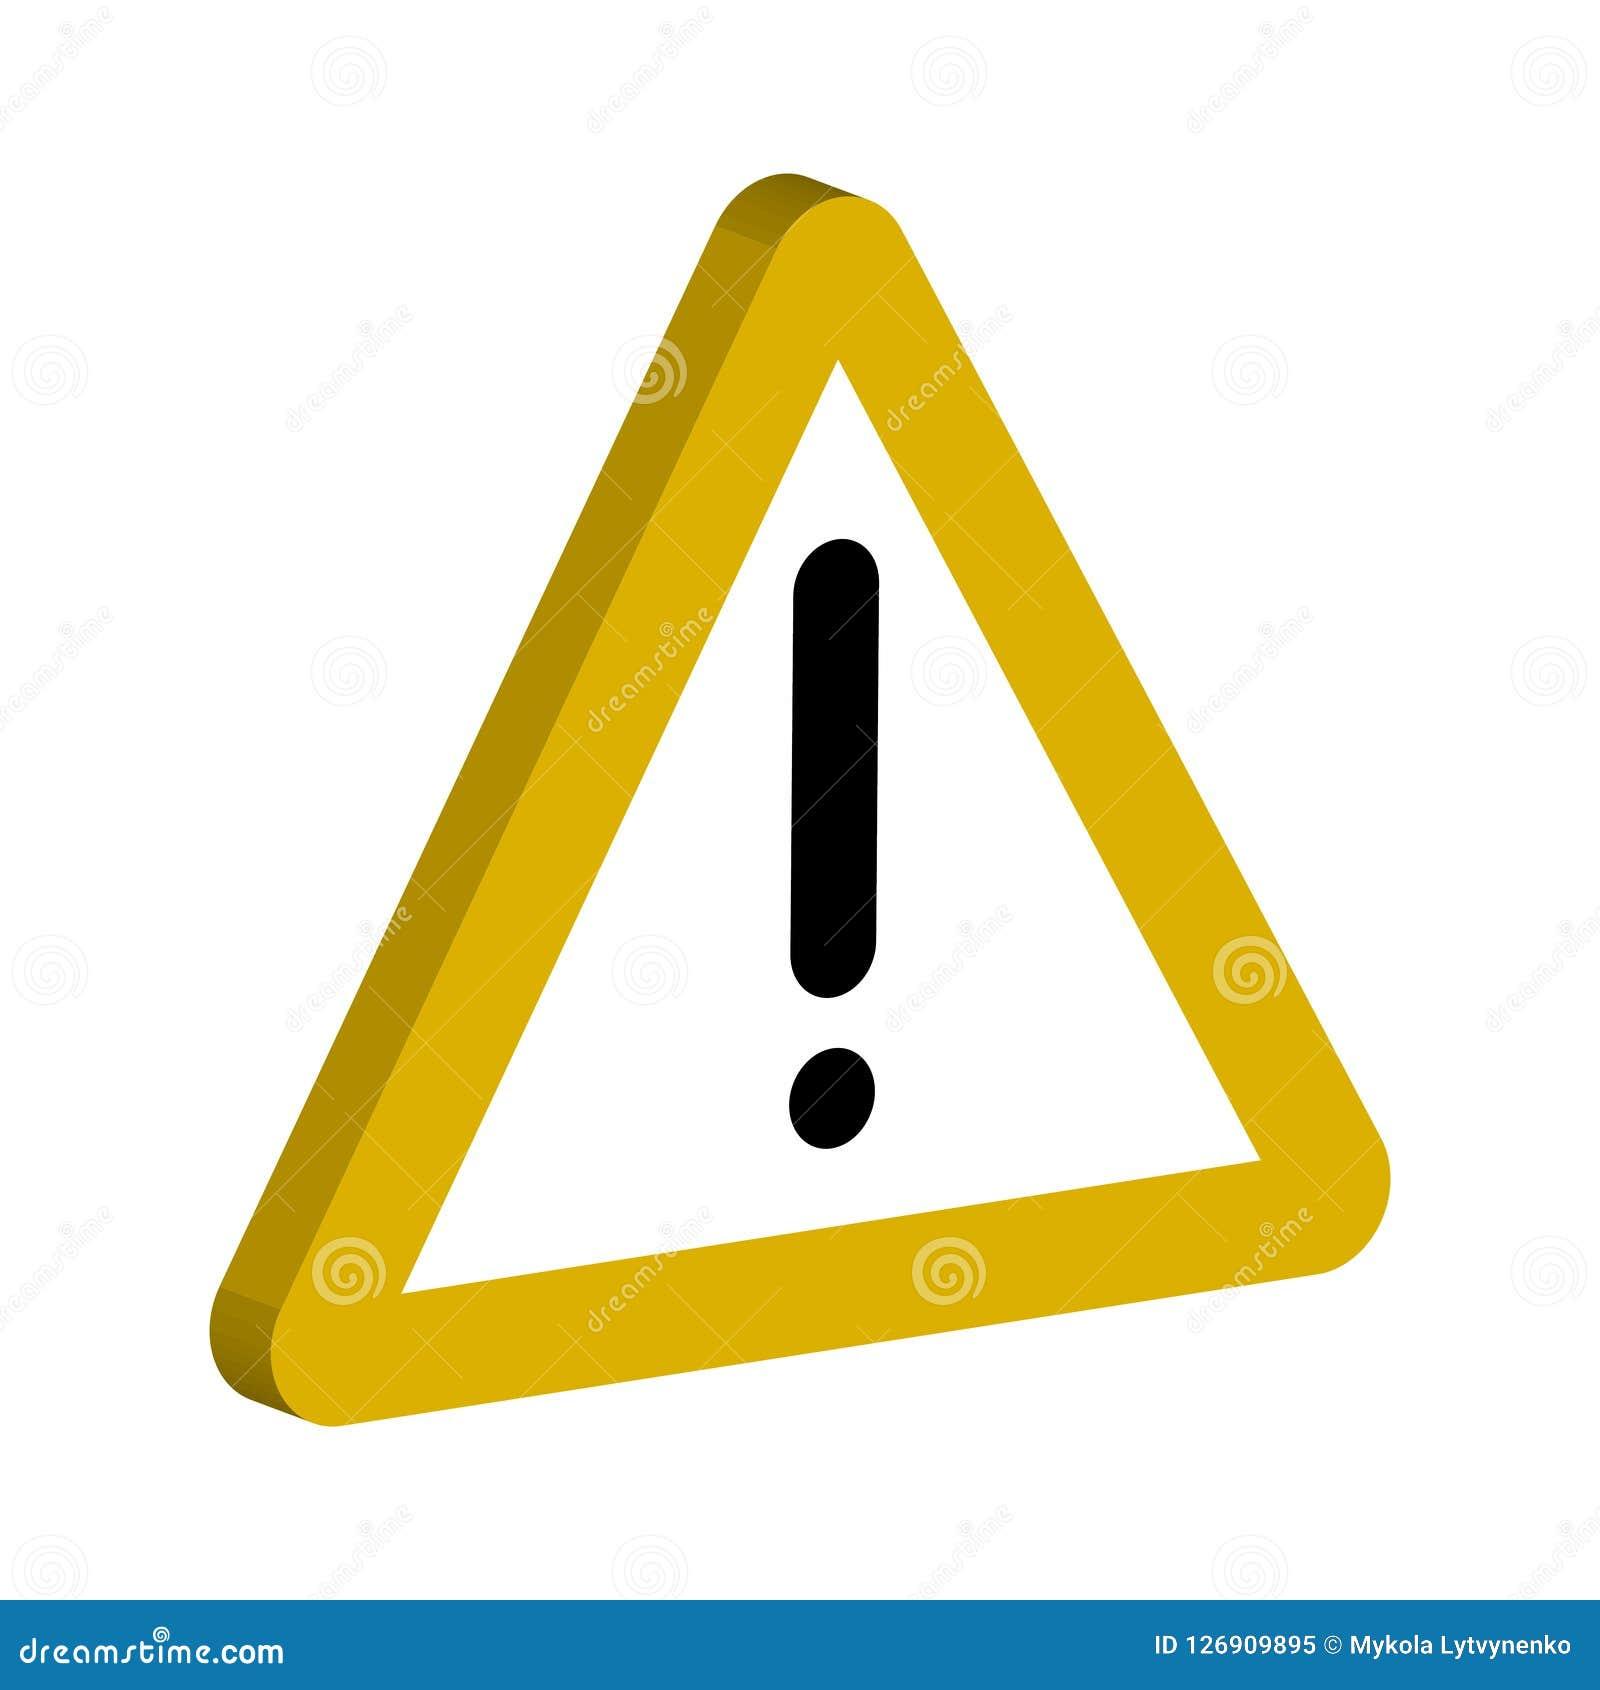 3D通知的标志,黄色三角和感叹号导航标志重要通知